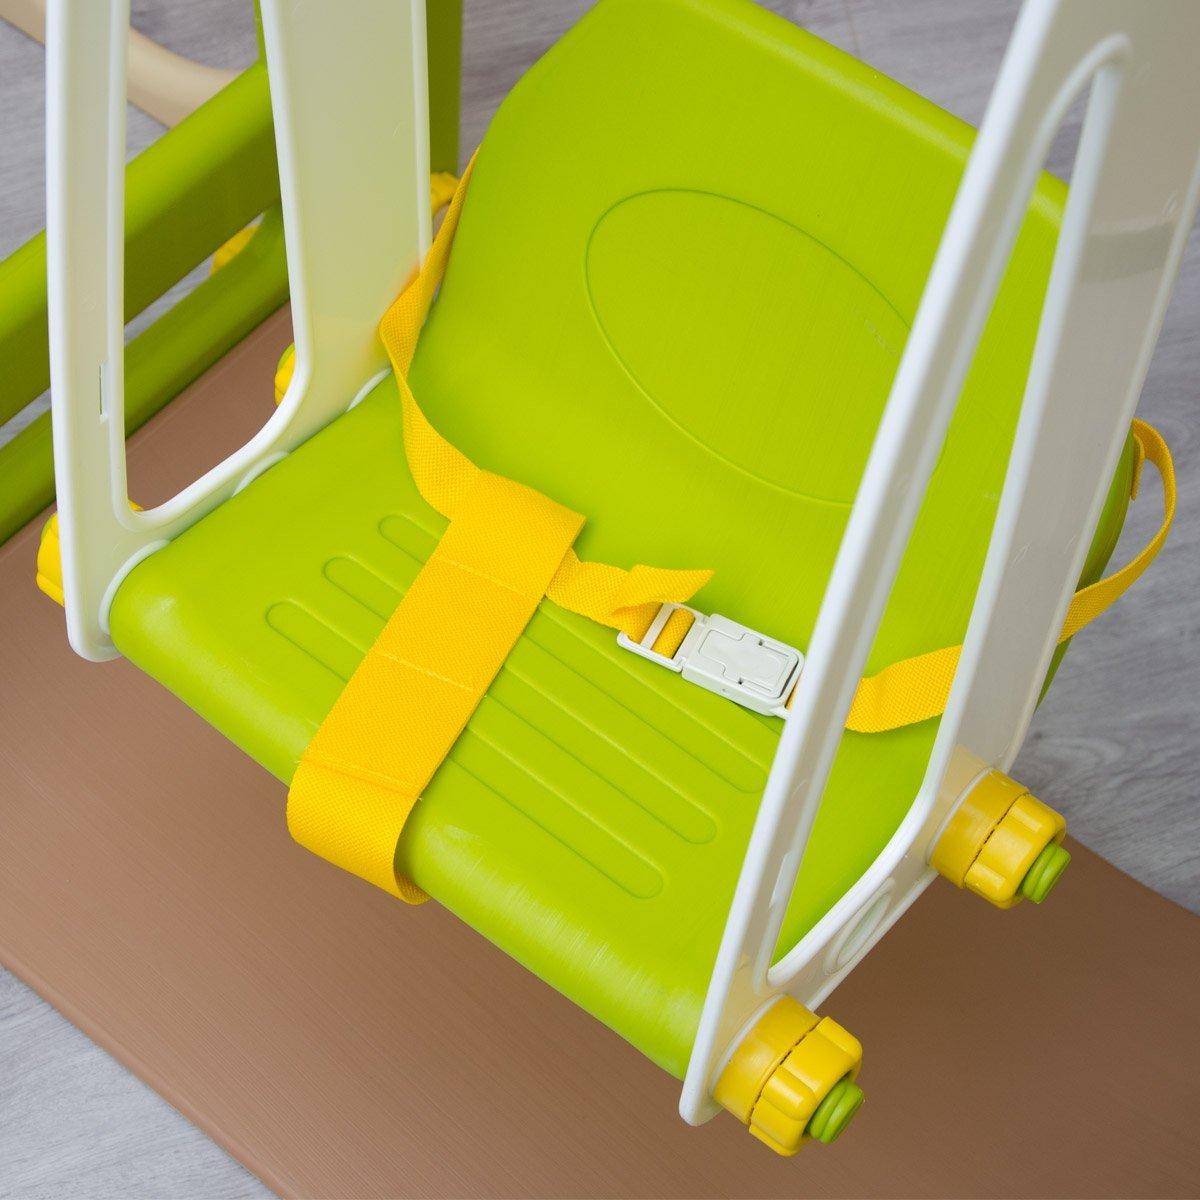 toboggan pour enfants de 3 ans guide d achat pour en choisir un bon en avr 2018. Black Bedroom Furniture Sets. Home Design Ideas